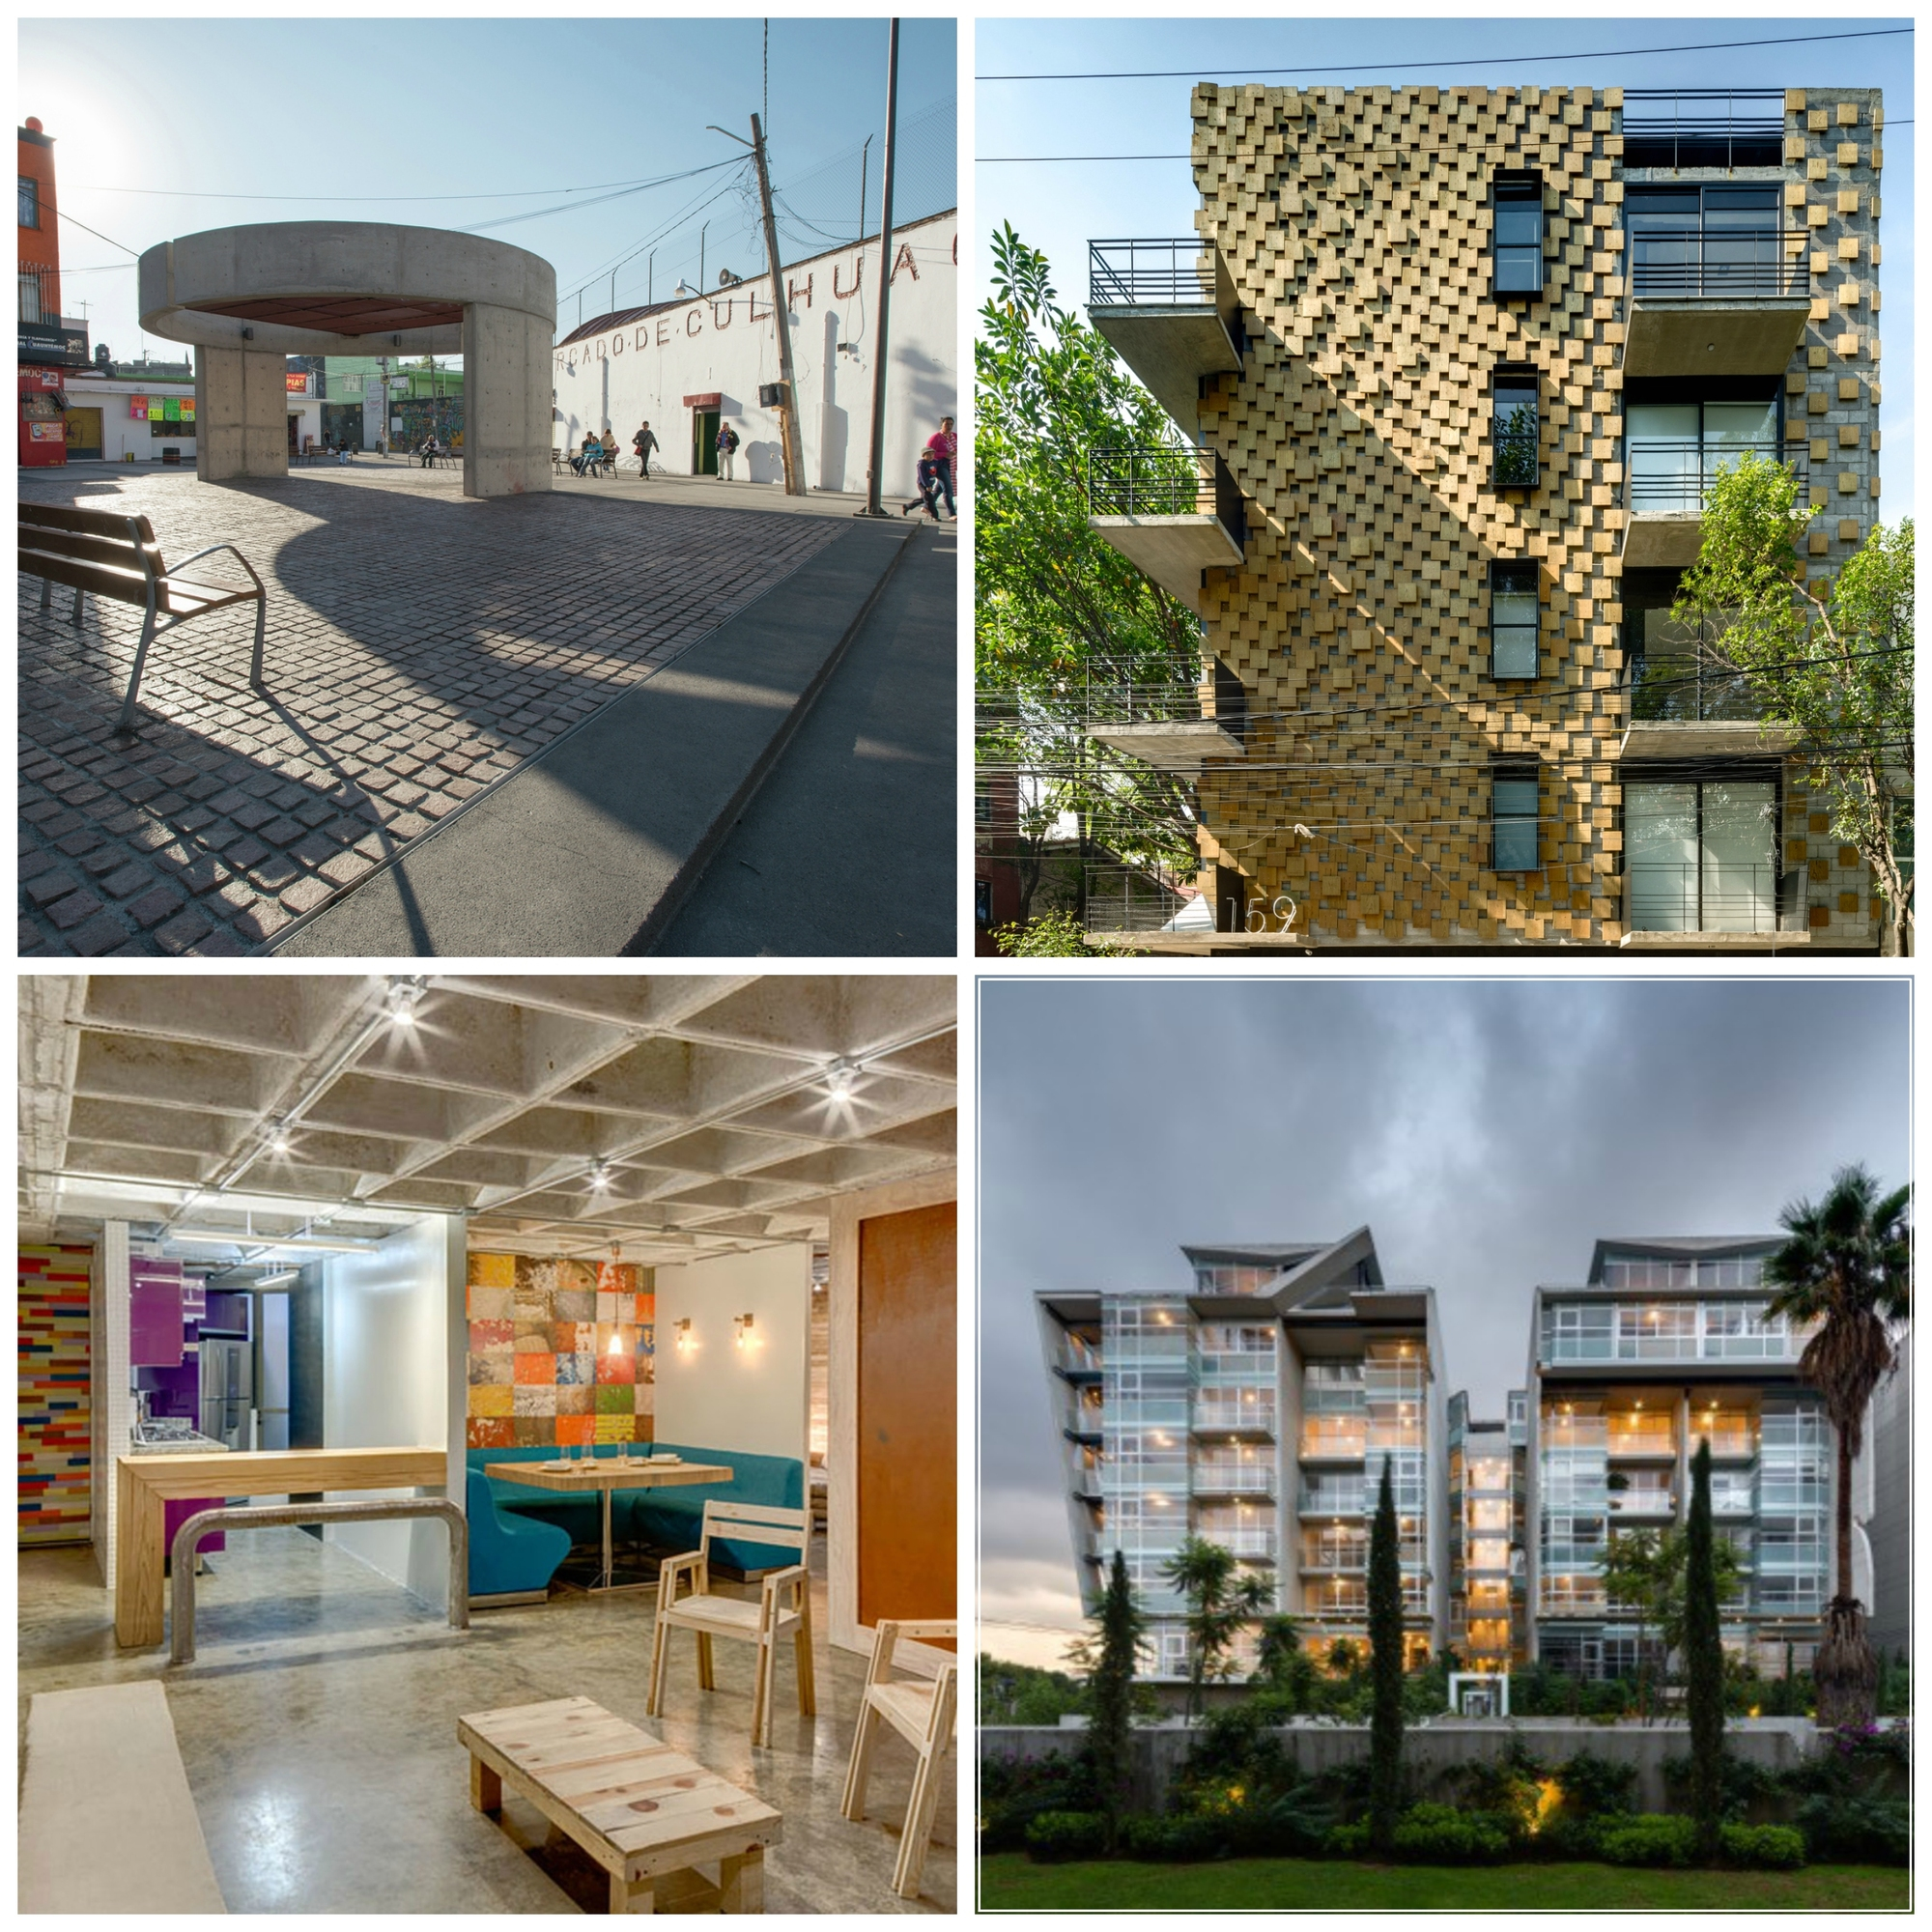 Finalistas mexicanos del waf 2015 reflexionan sobre el for Arquitectura mexicana